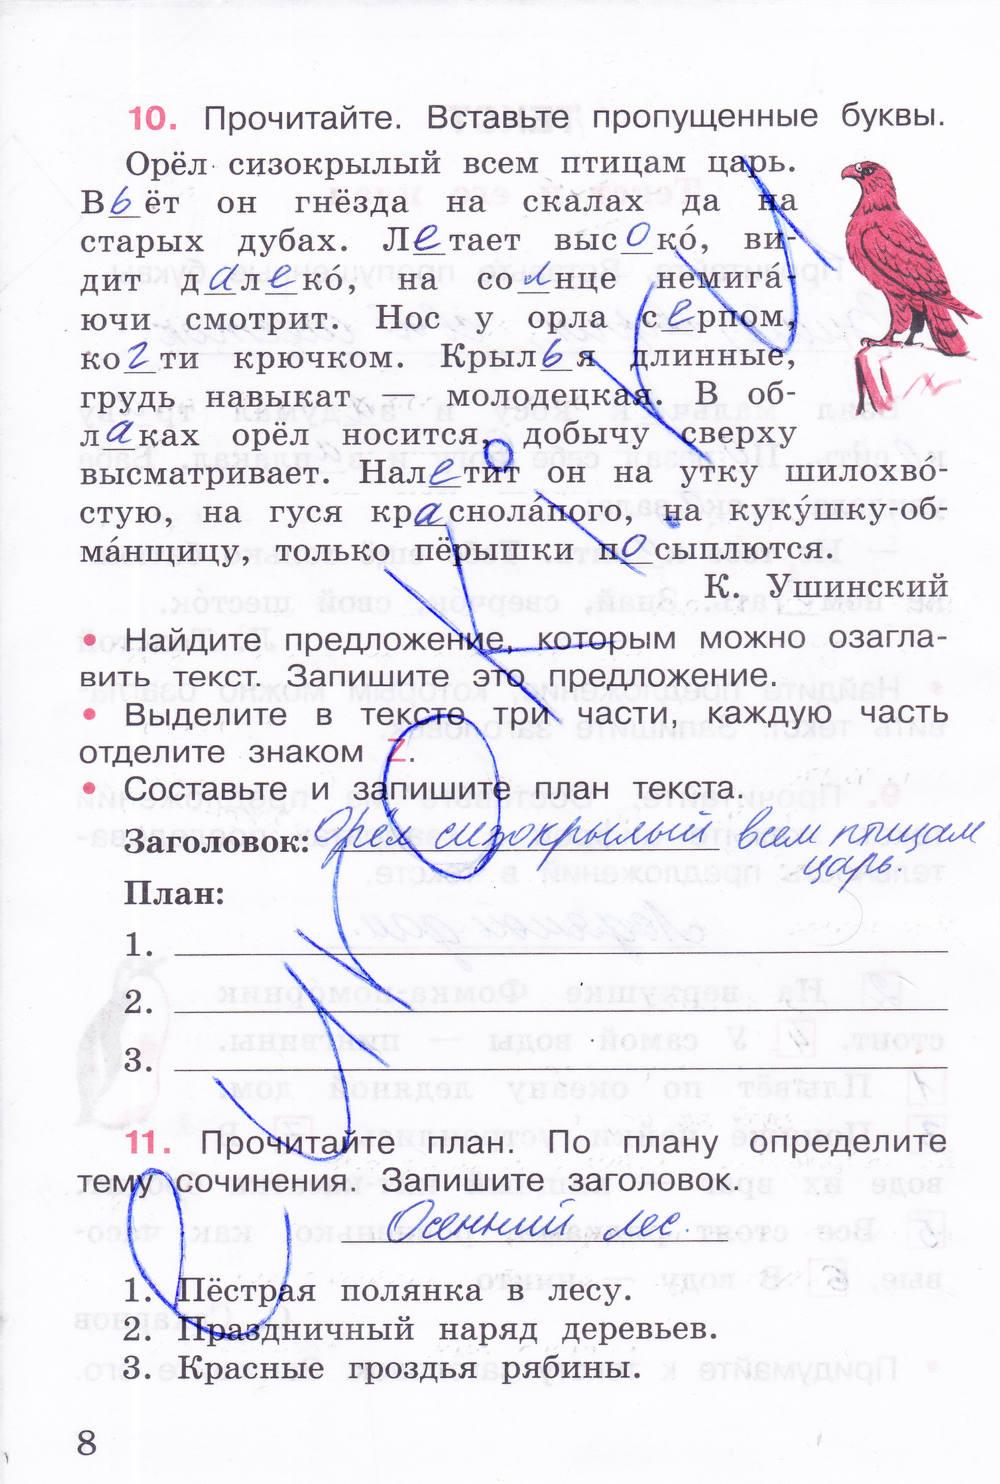 Гдз по русскому языку 4 класс в п канакина 2 часть тетрадь